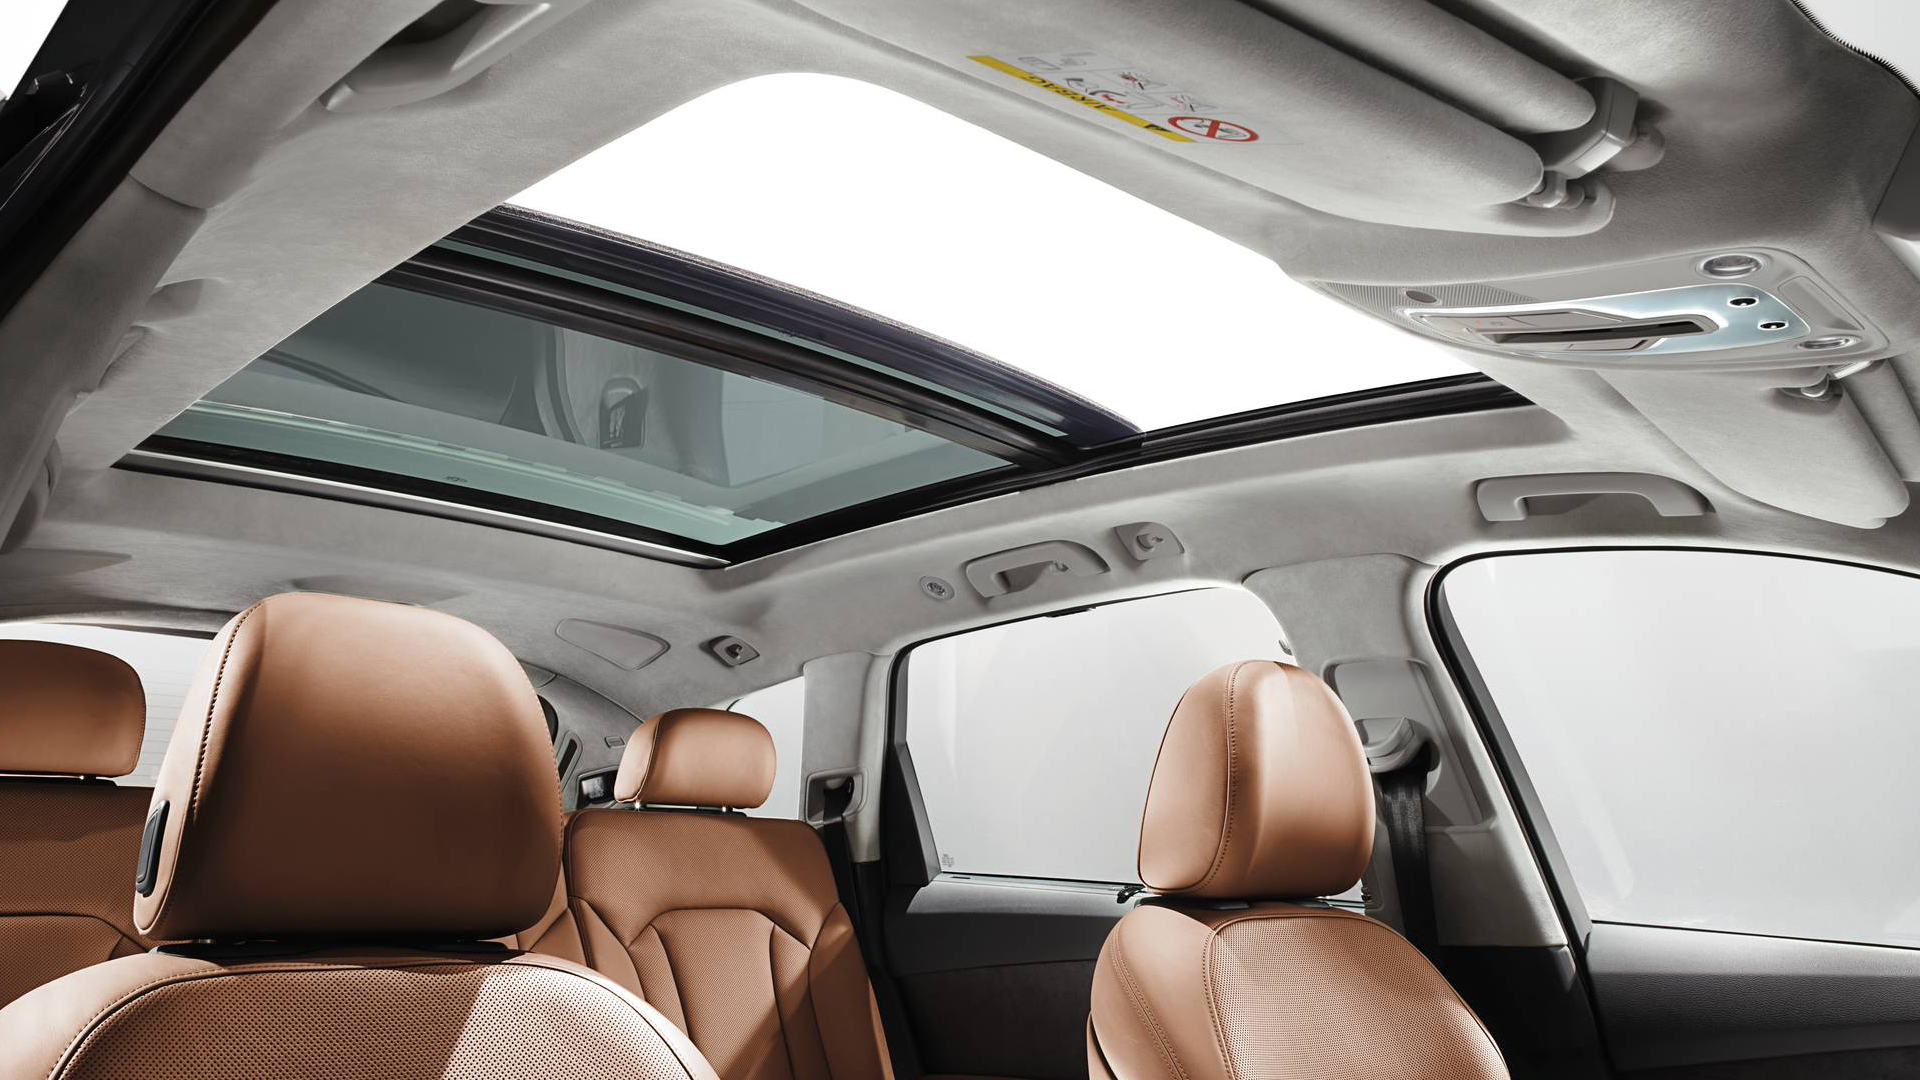 2018 Audi Q7 Panoramic Sunroof